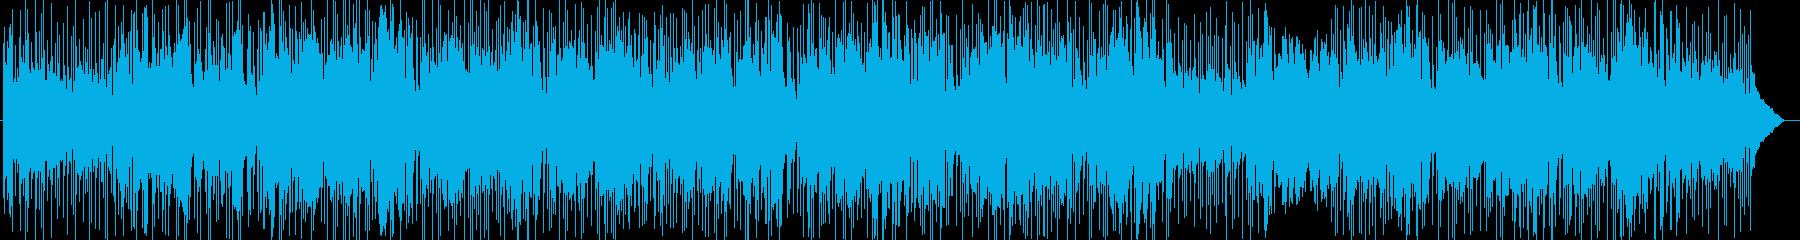 住んでみたくなるようなメルヘンポップの再生済みの波形